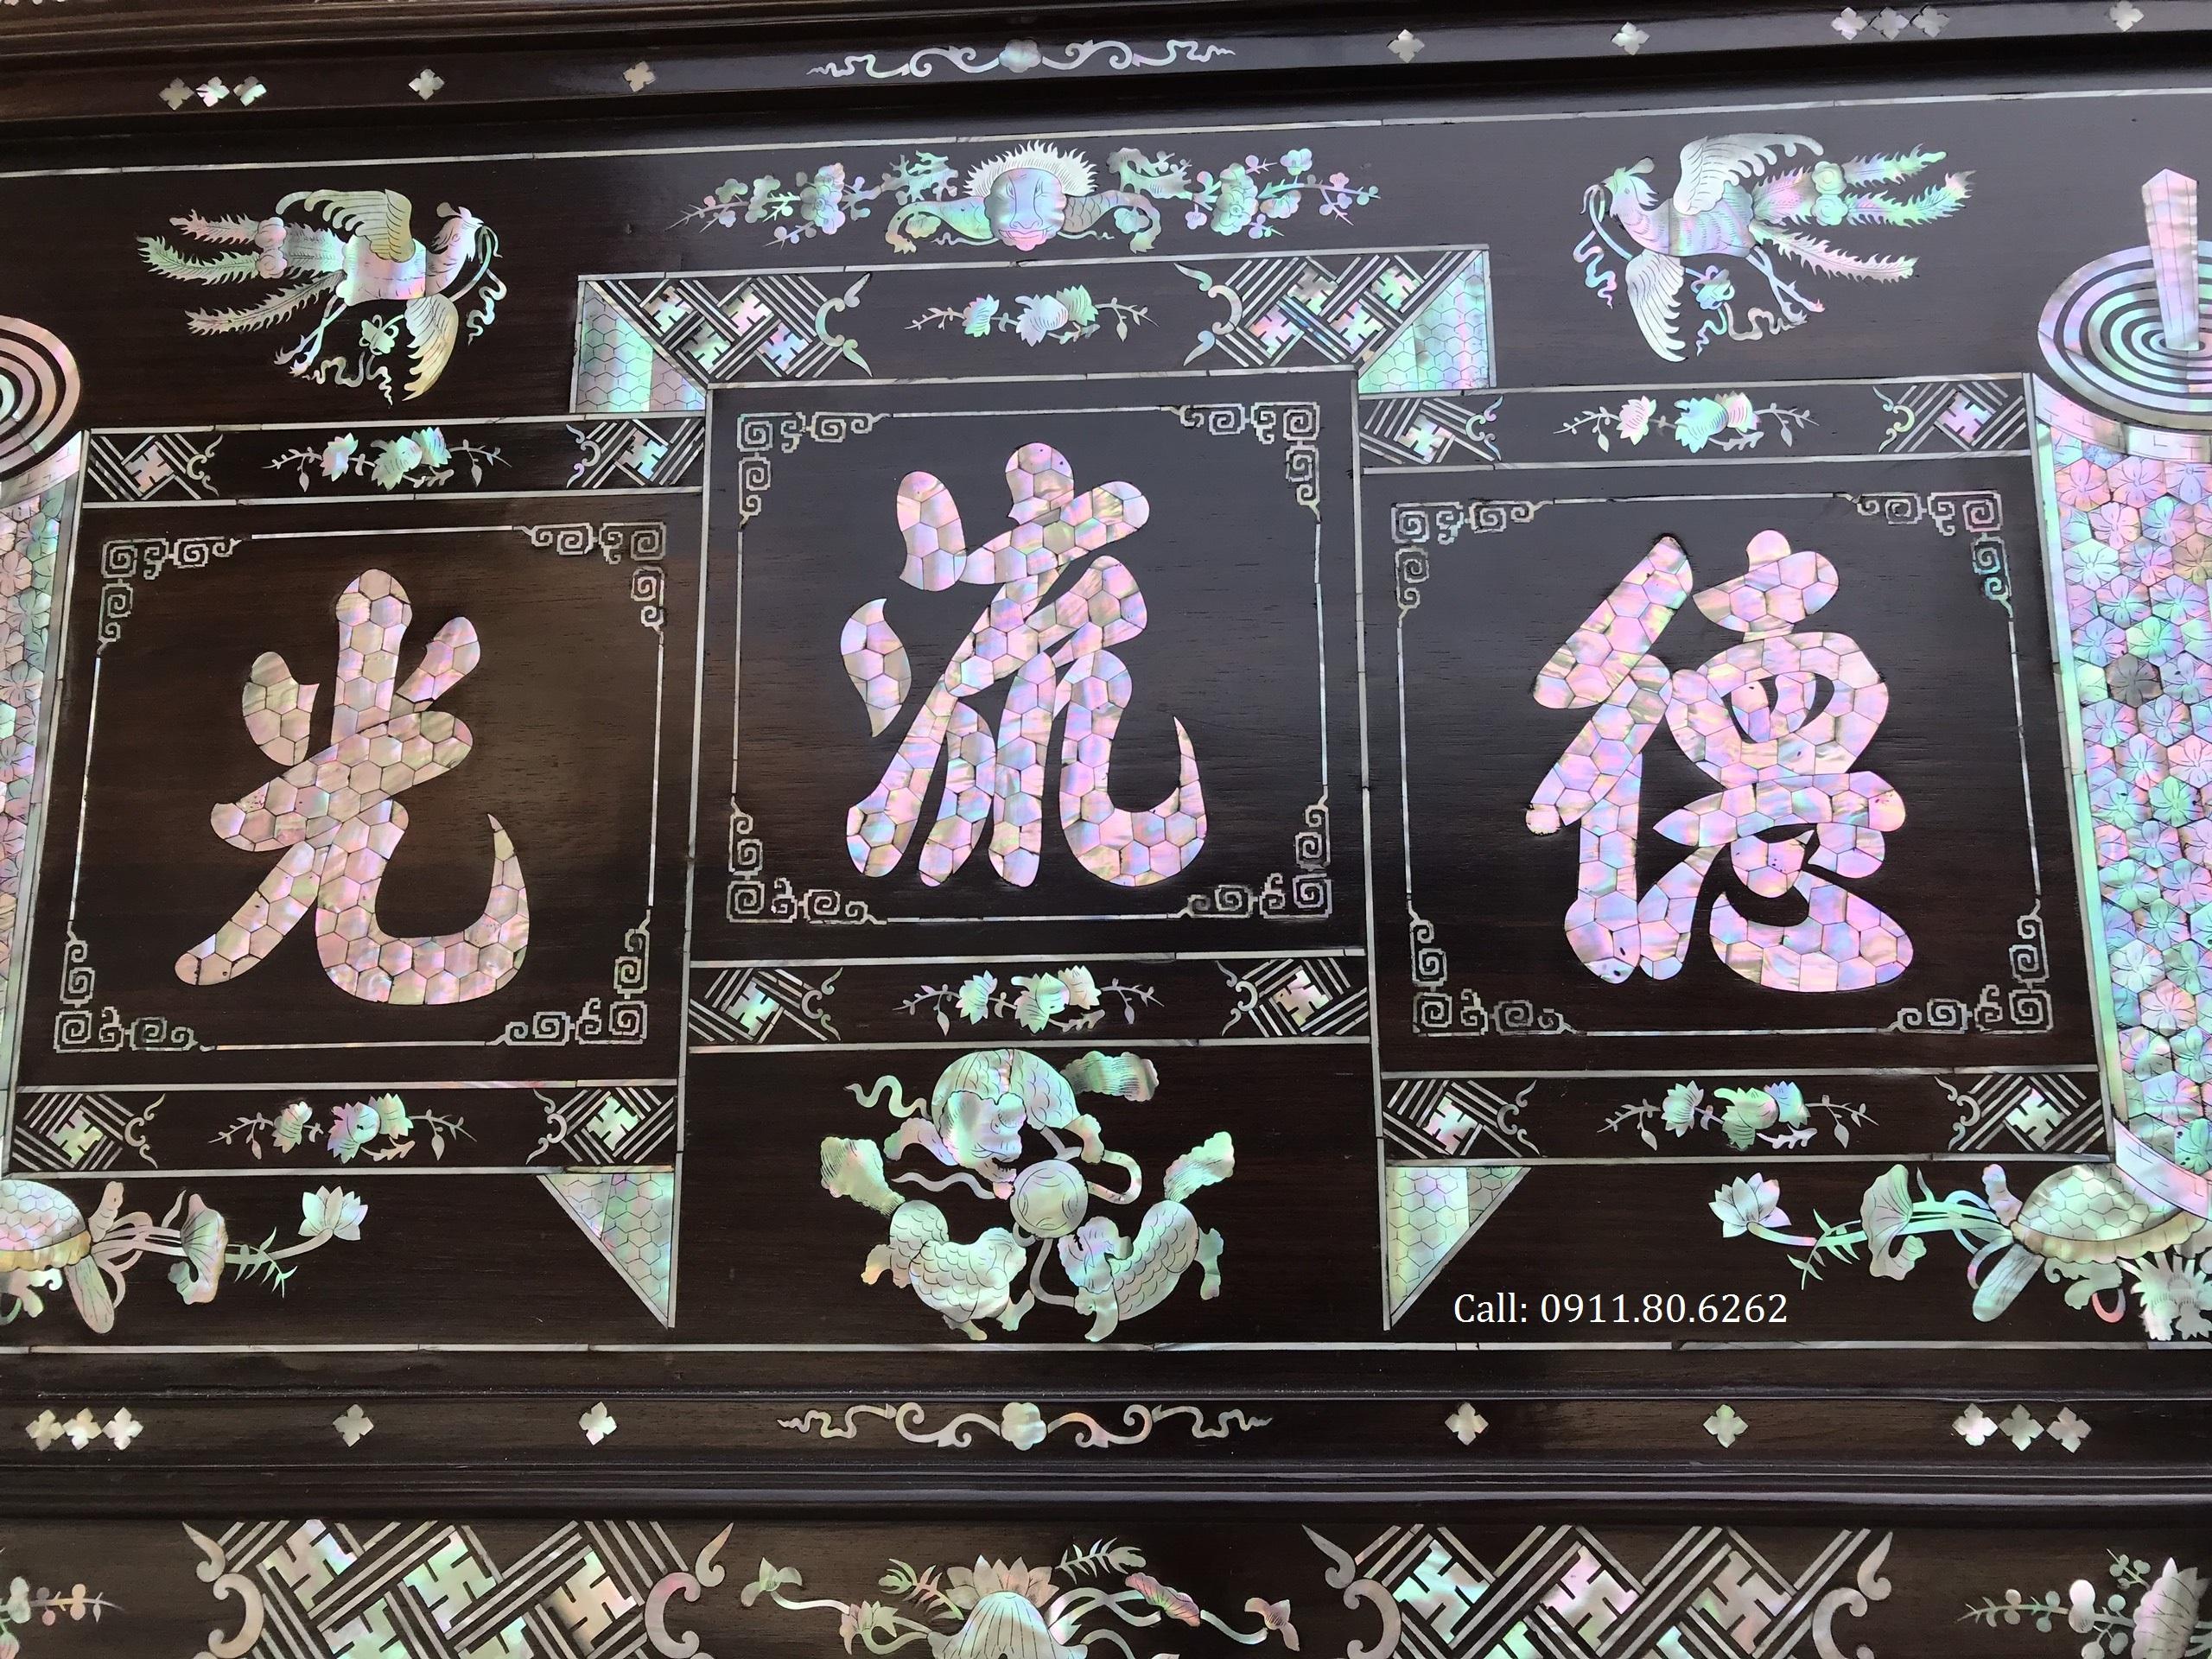 z1546619168174 af90fe455d991c669158ef5620a32c3c - Đại Tự Khảm Ốc Đức Lưu Quang MS: 08